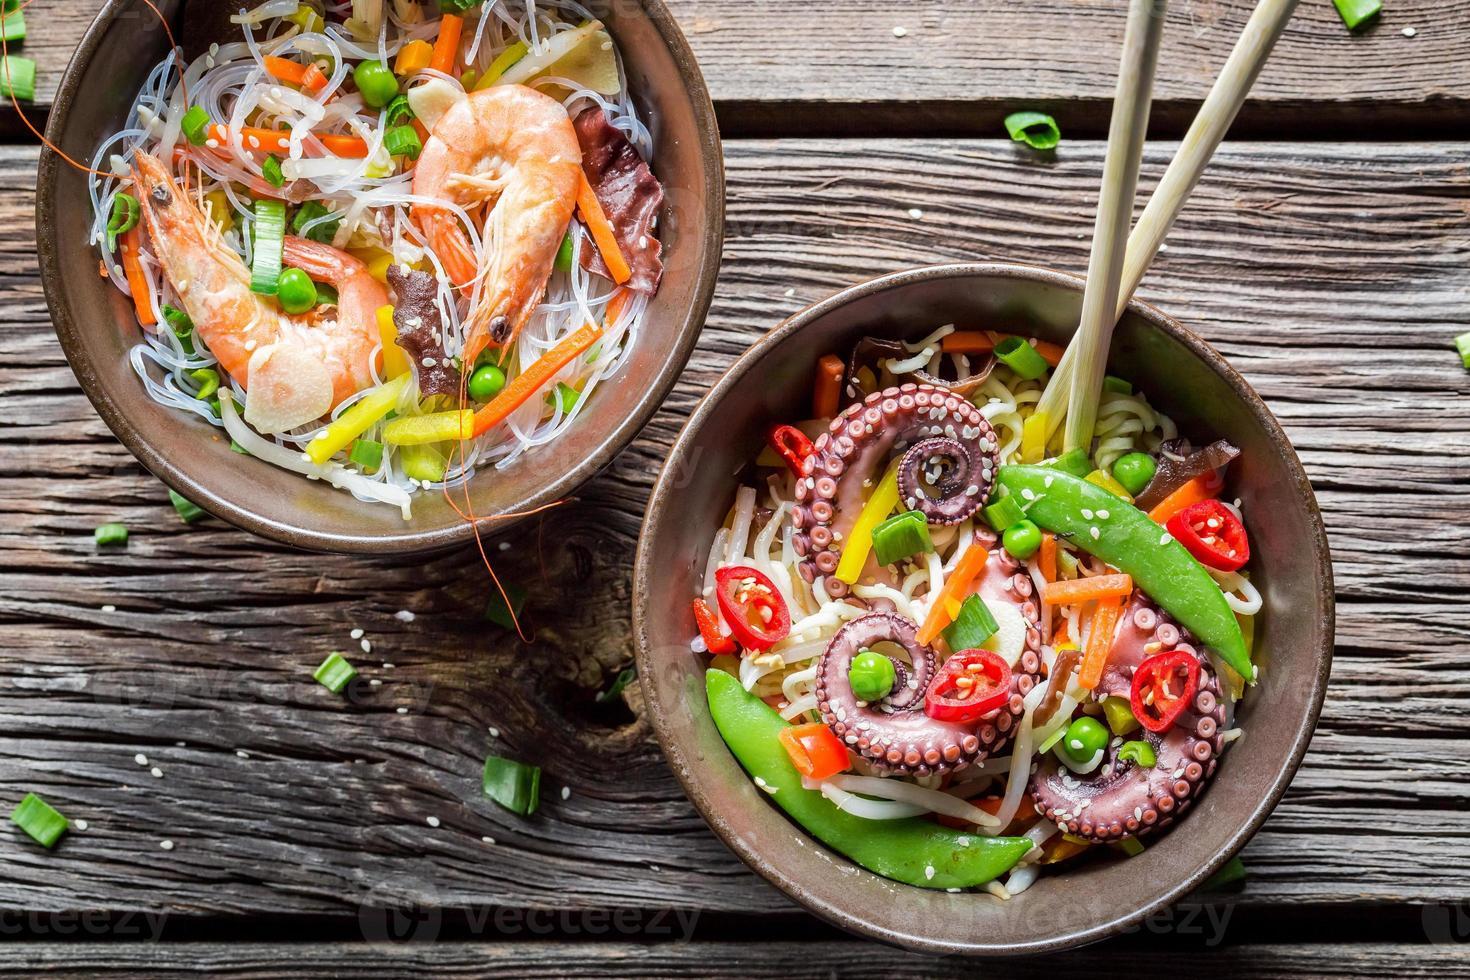 frutti di mare e verdure fresche con tagliatelle foto